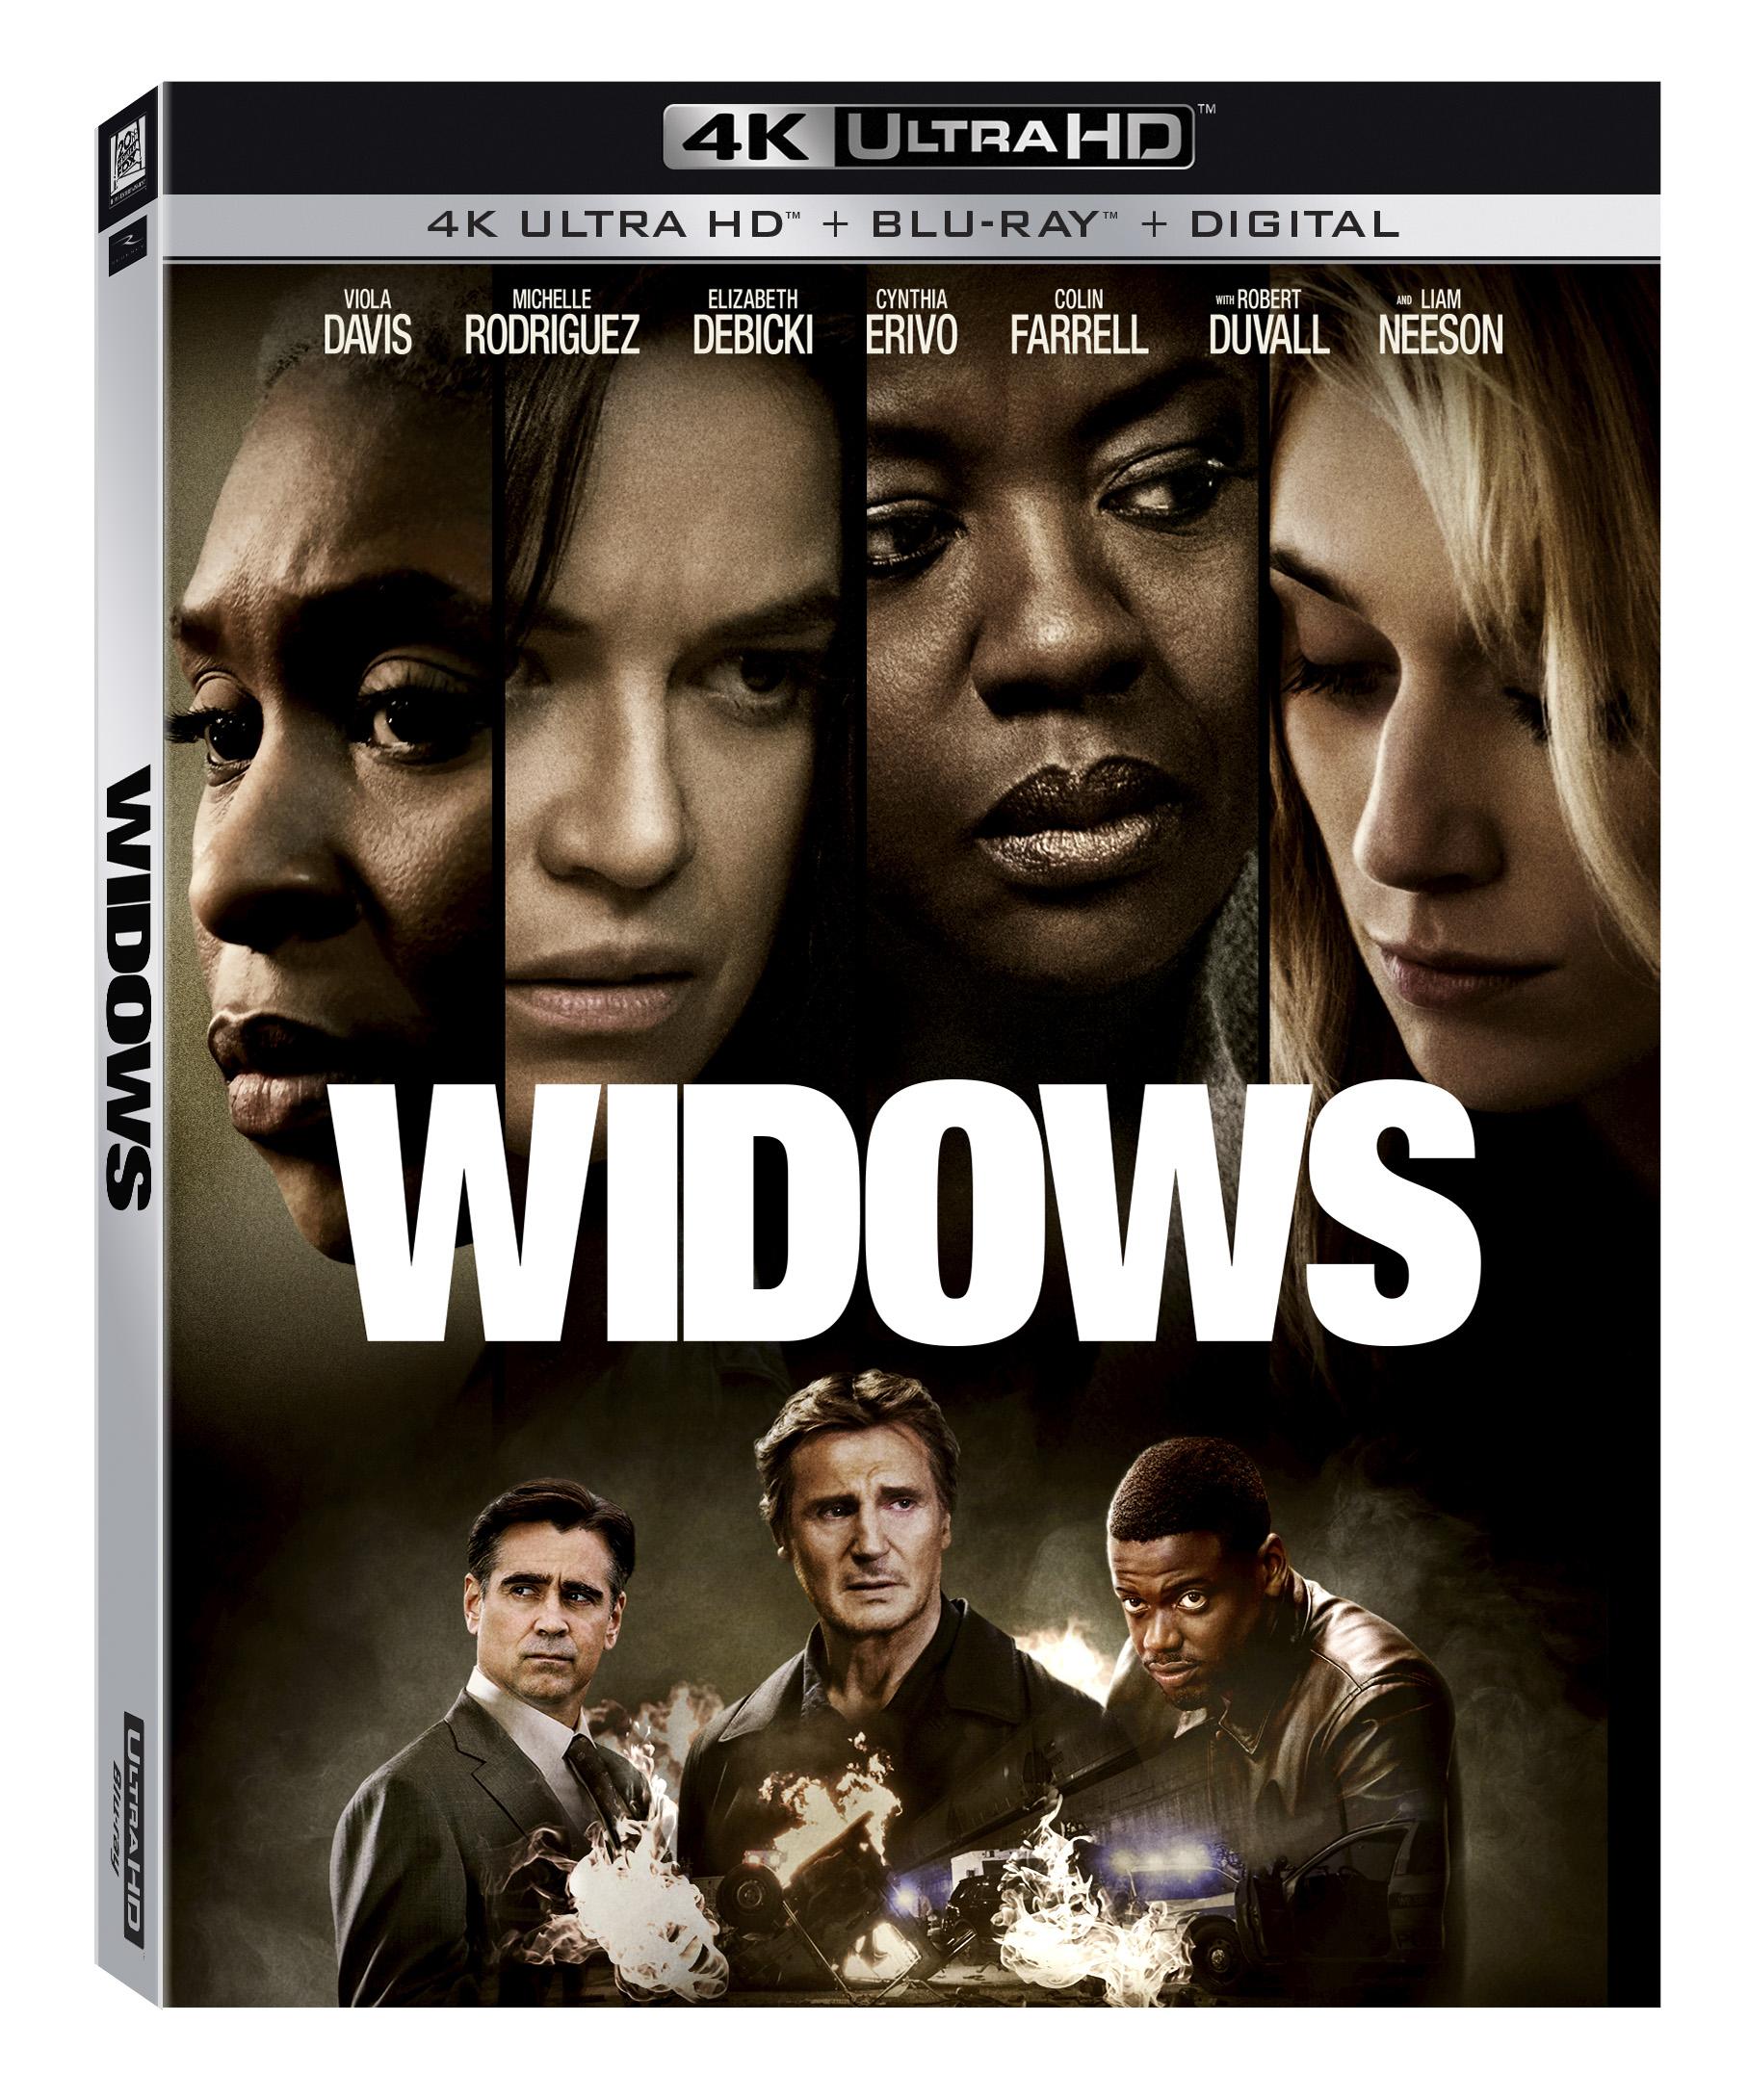 Widows_4KUHD_ORing_01FO[4].jpg